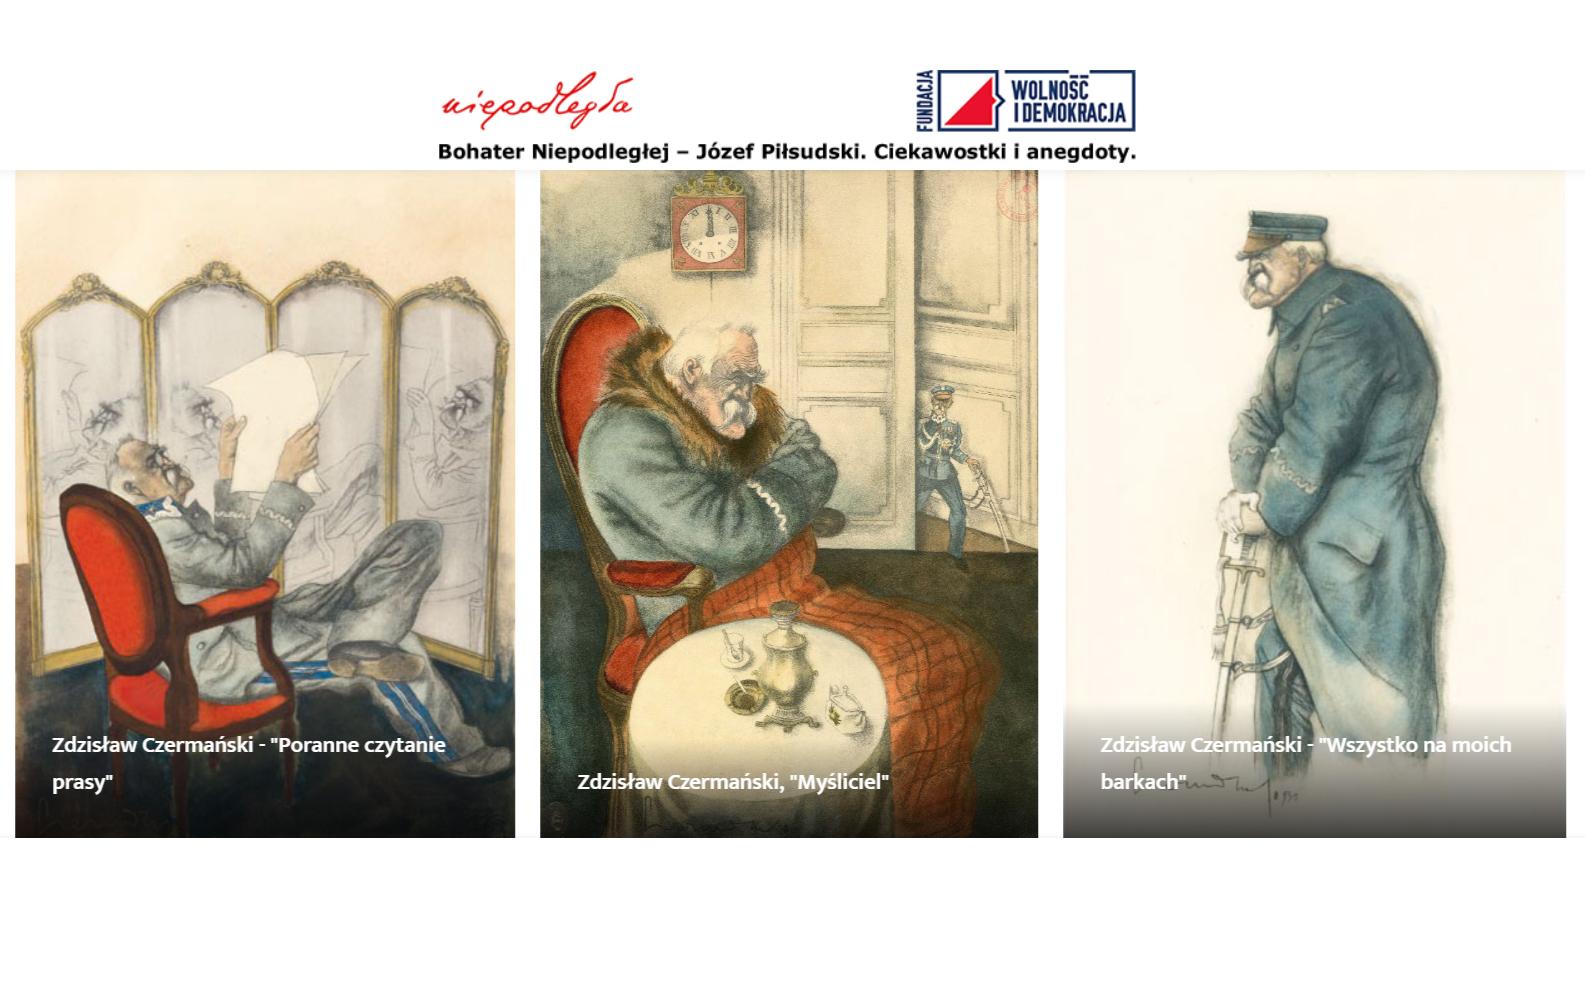 """""""Bohater Niepodległej – Józef Piłsudski, ciekawostki i anegdoty""""  wystawa on-line: http://wystawa.wid.org.pl/"""